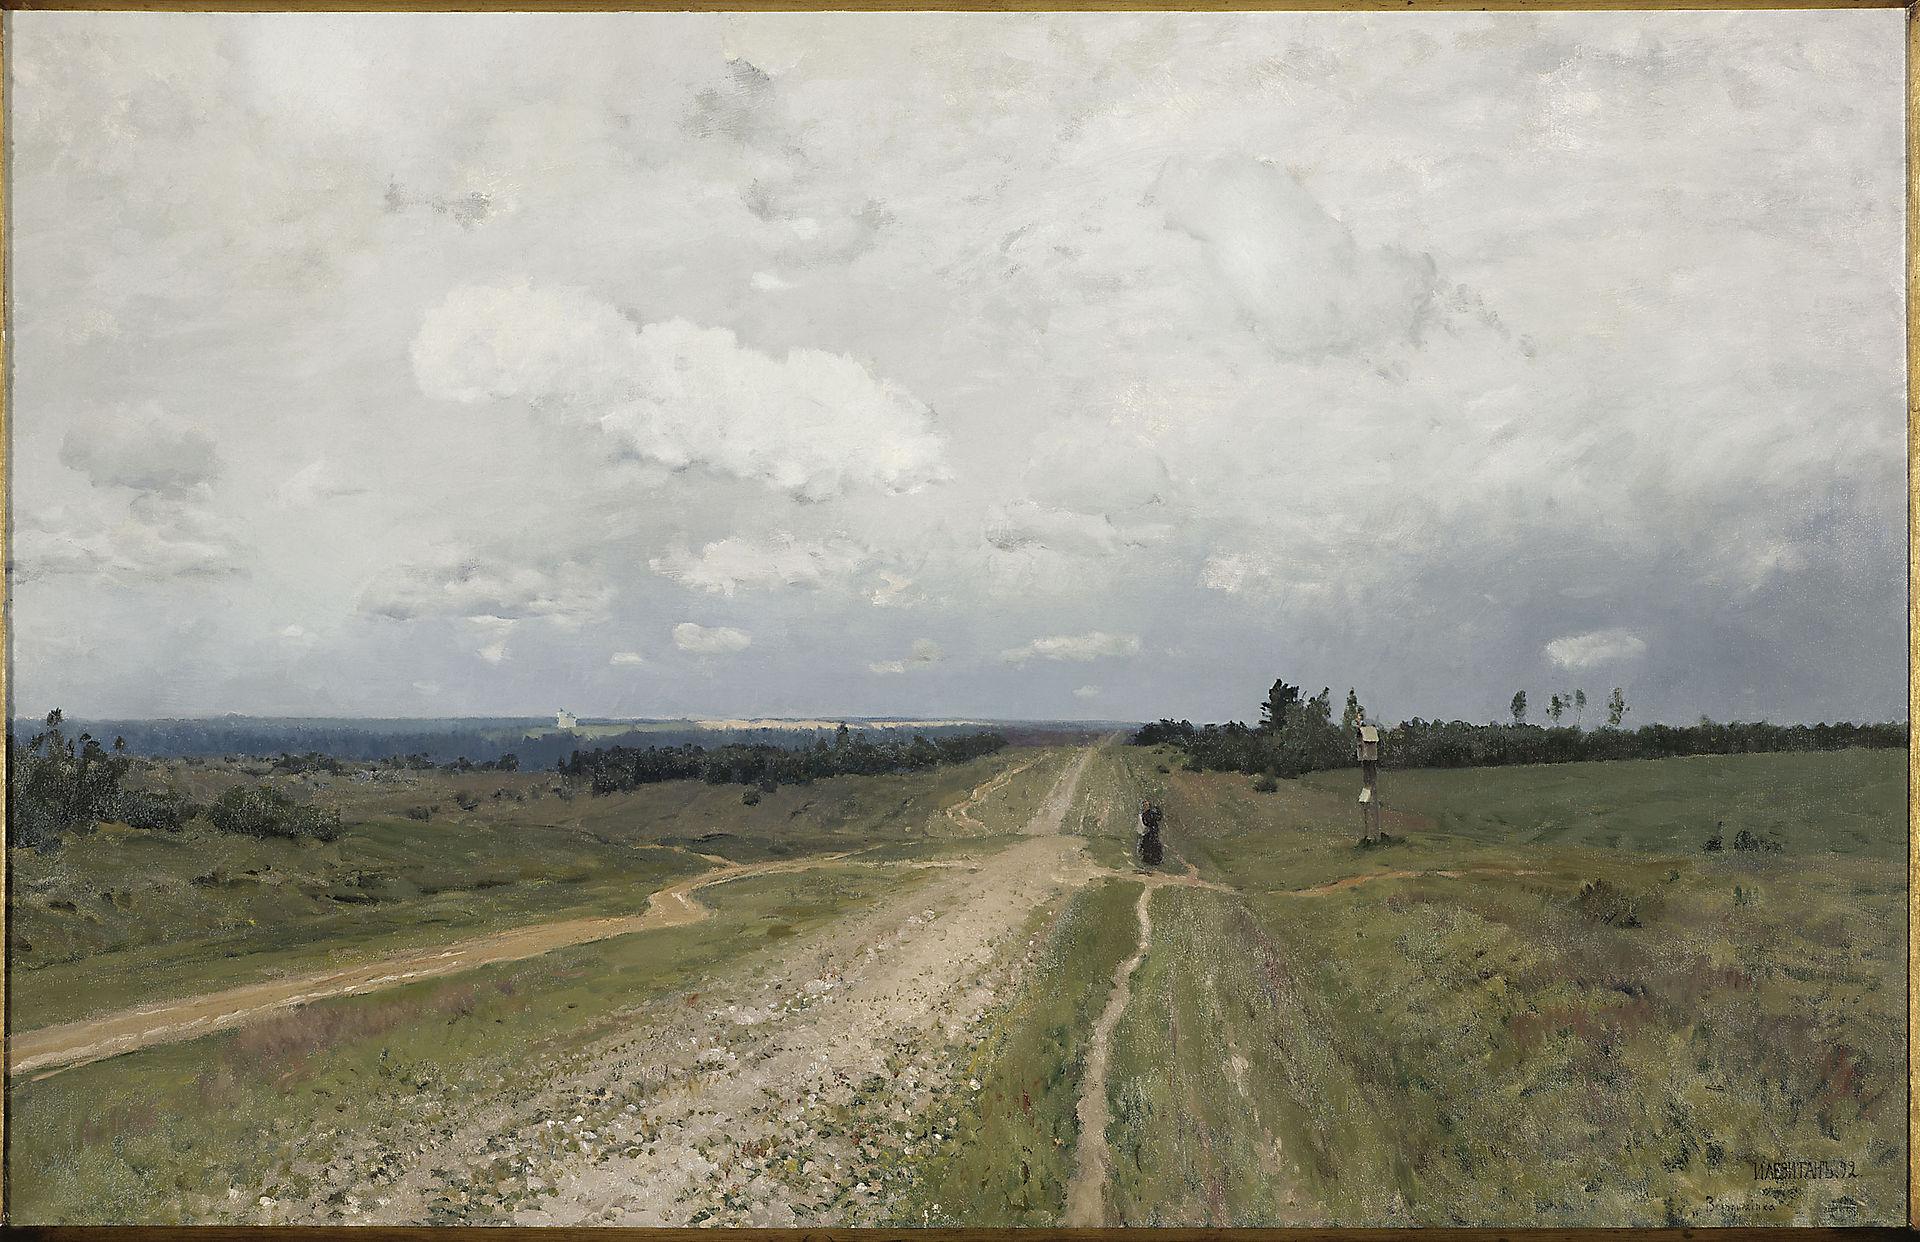 Isaak Levitan - Vladimirka (1892). De Vladimirka was de weg waarover de konvooien naar Siberië liepen.